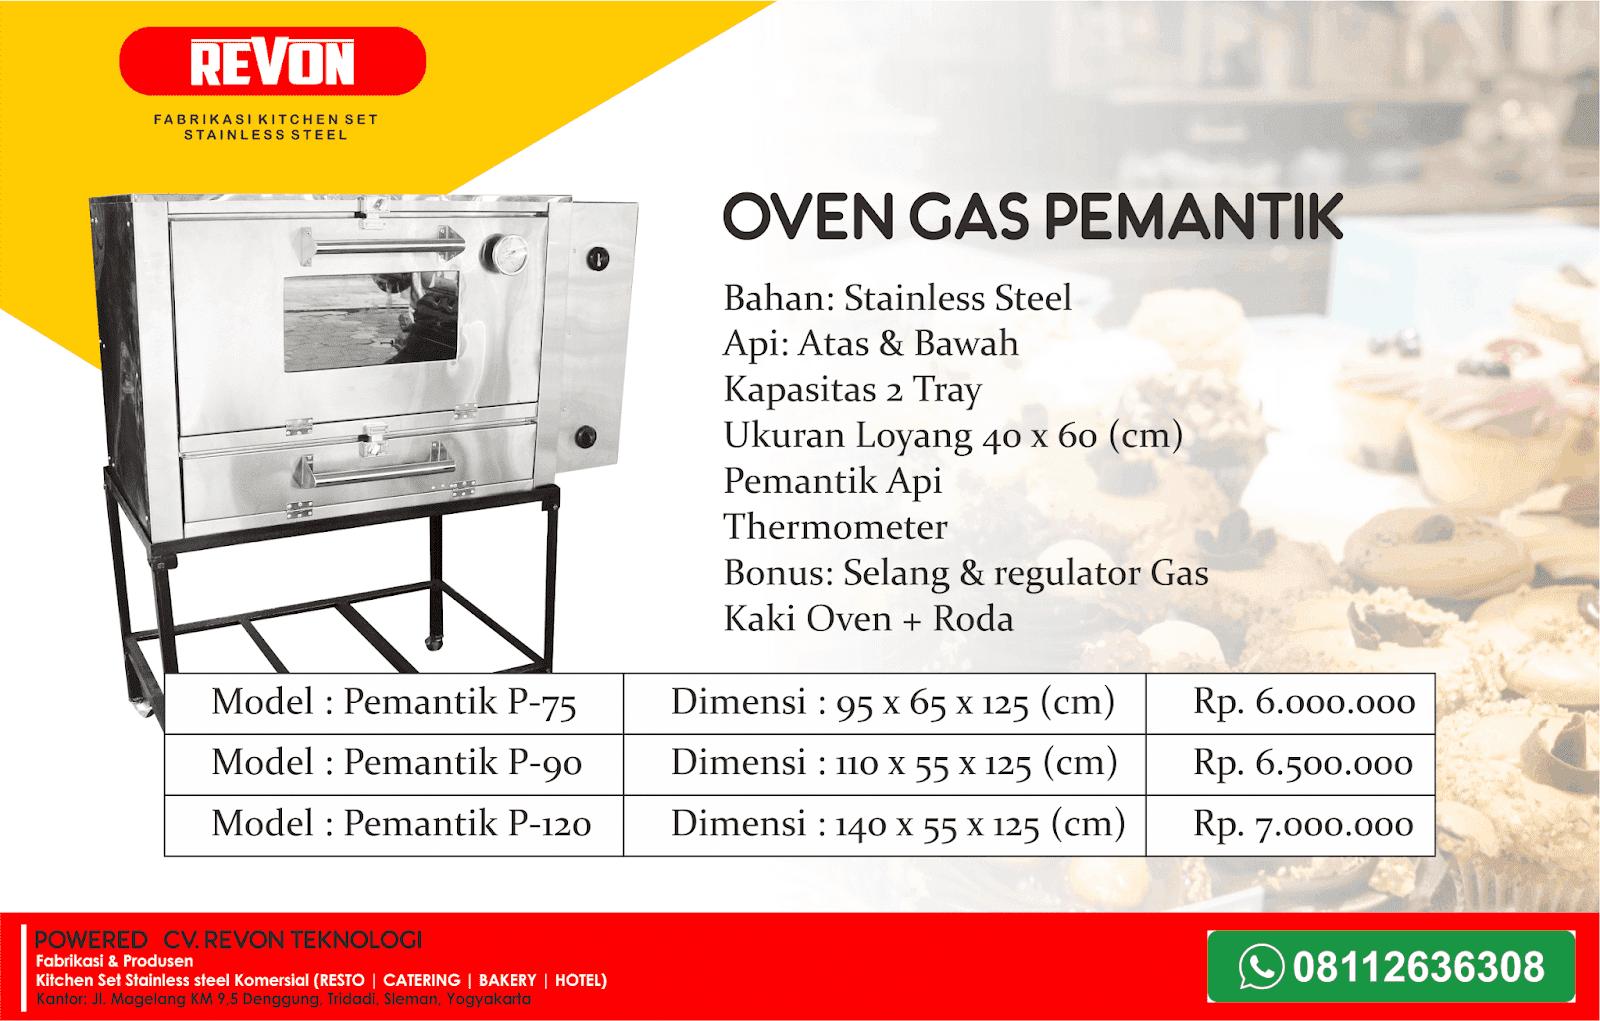 Daftar Merk Oven Gas Bagus Untuk Usaha Roti & Kue